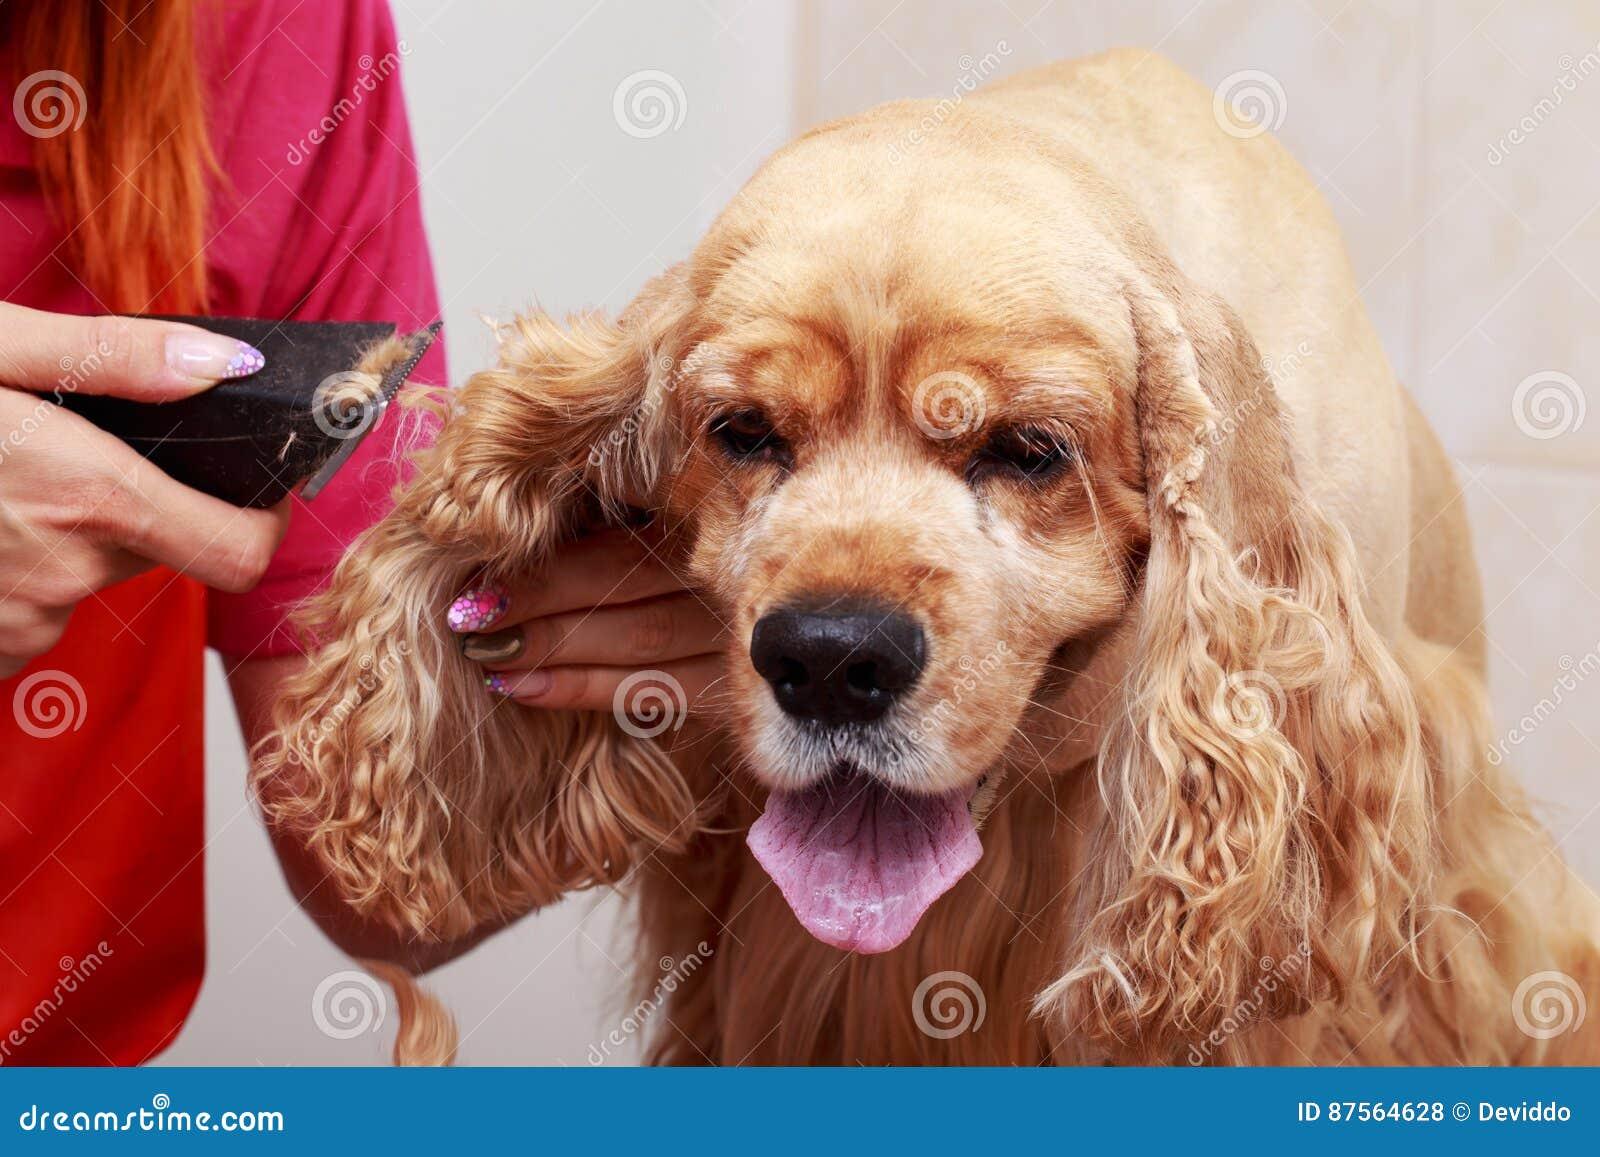 Pflegen des Haares des Hundes